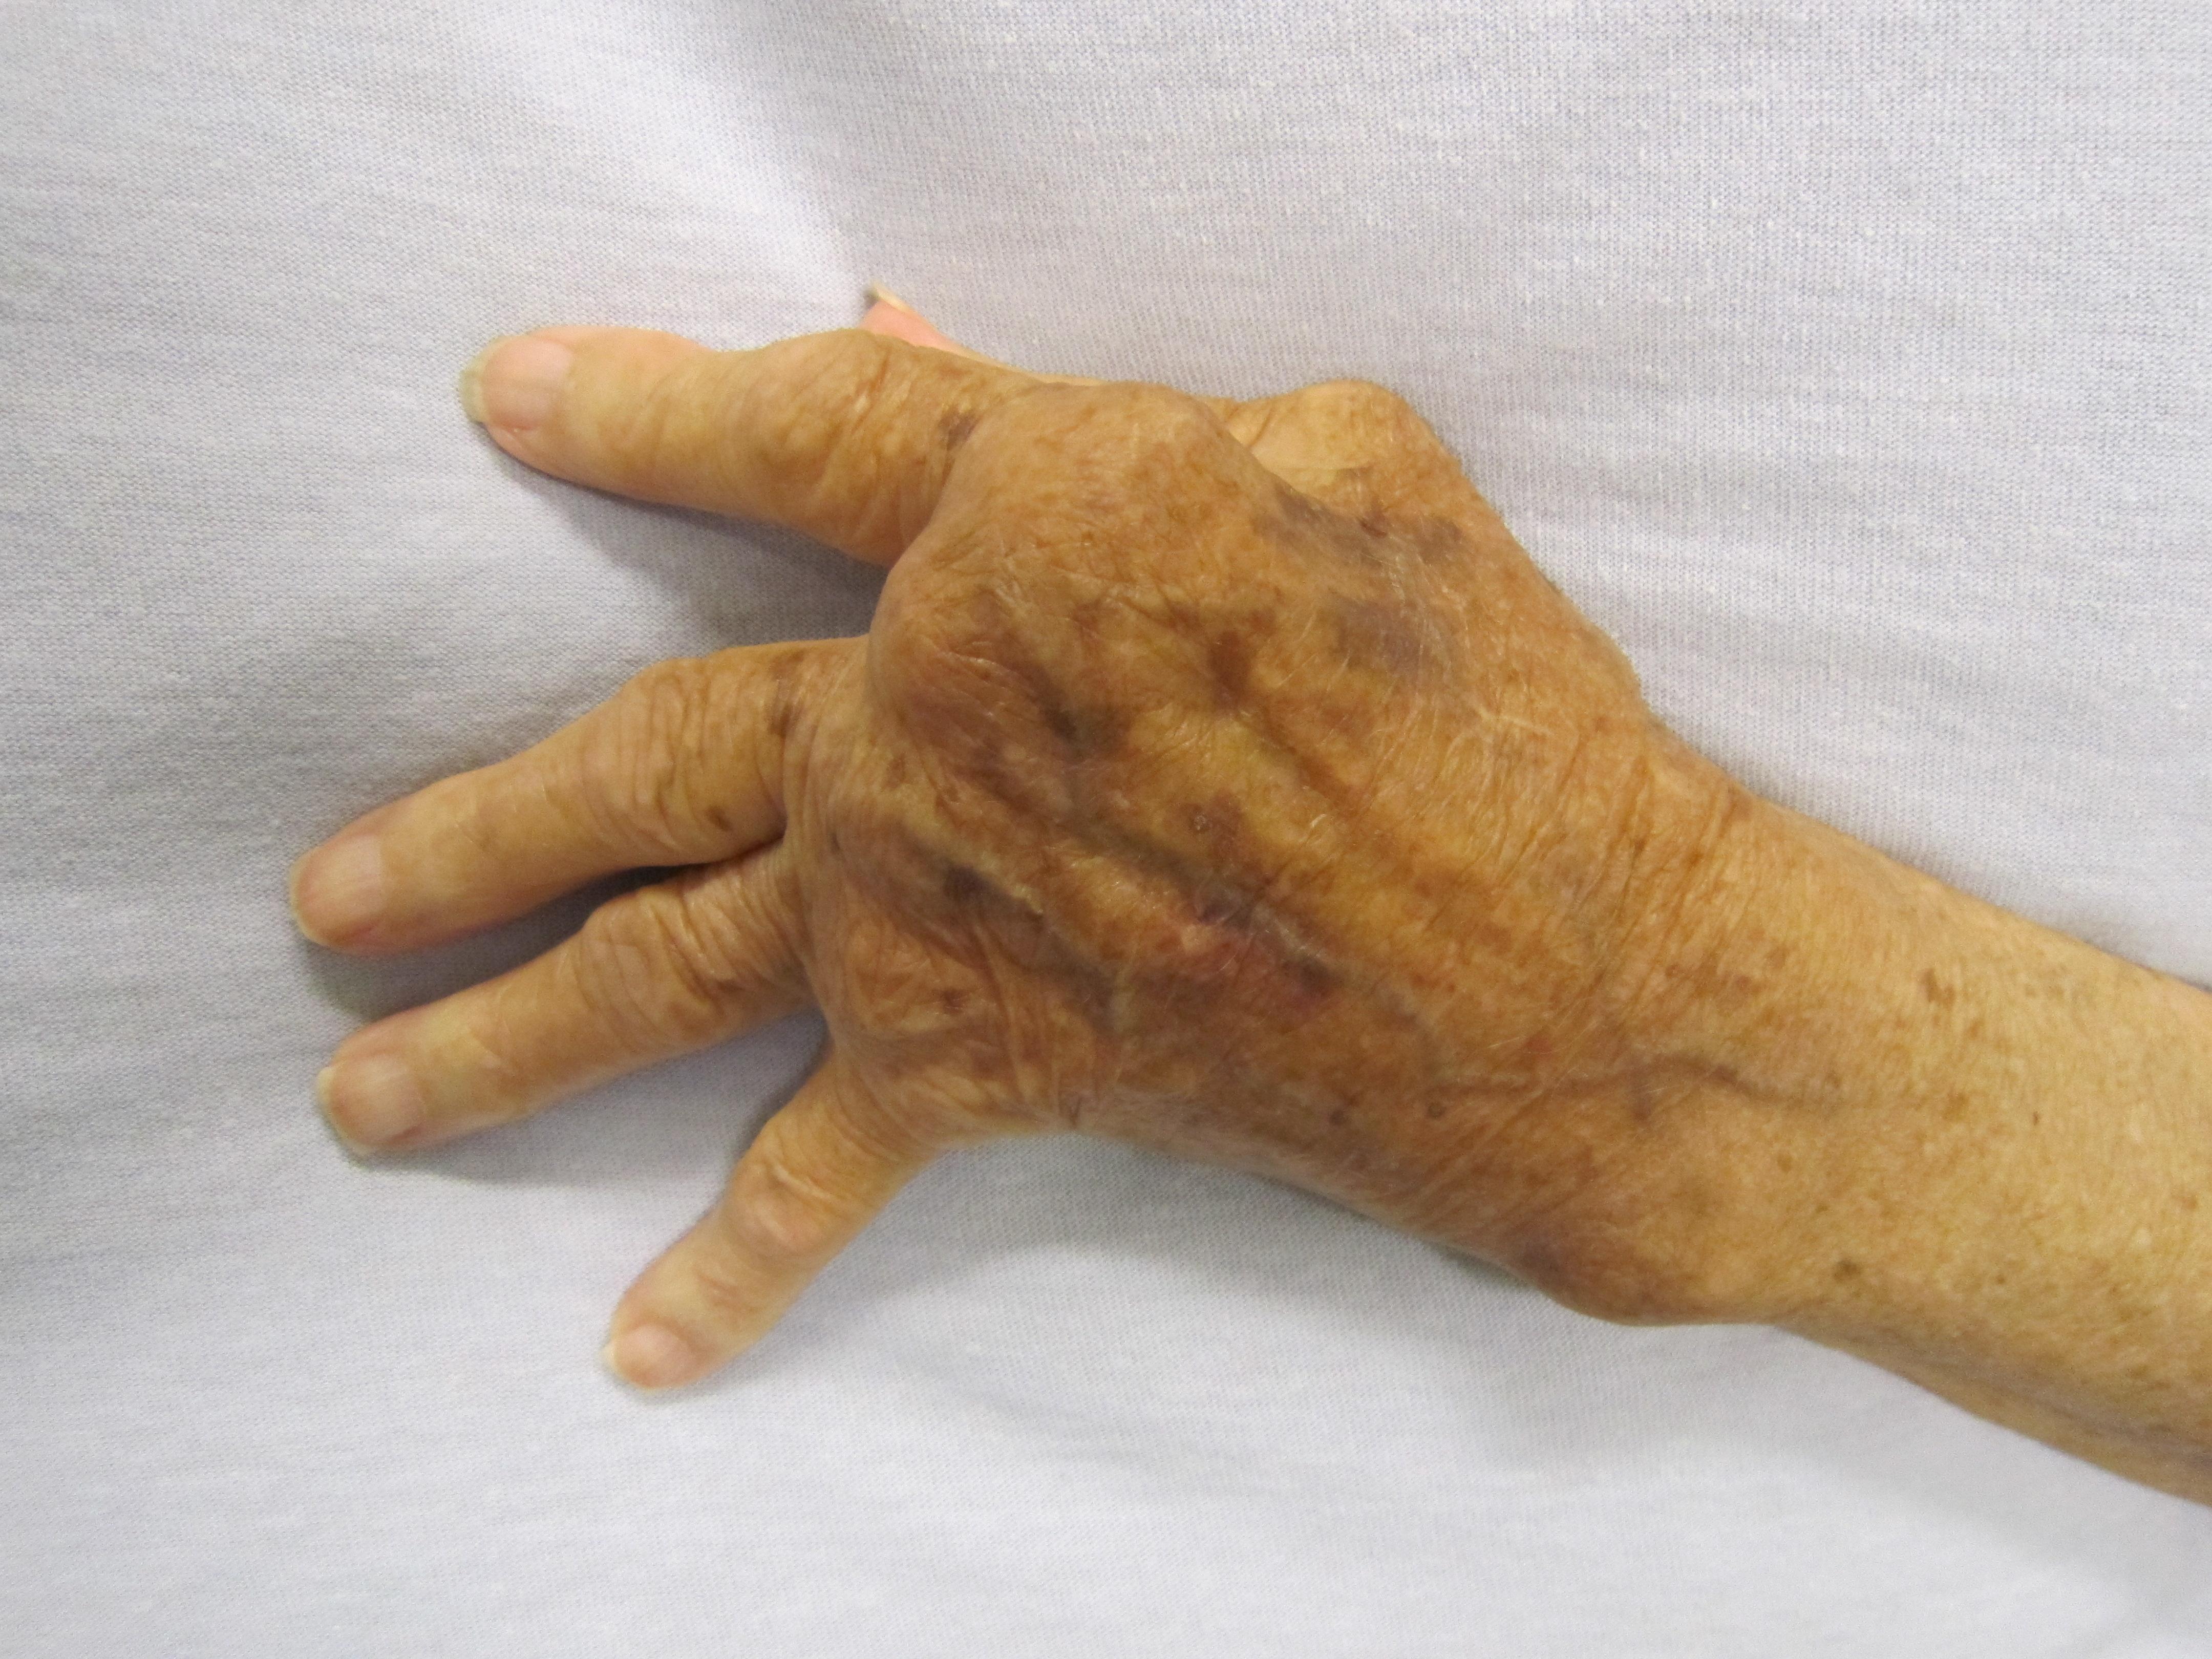 hajlított ízületi fájdalom a térdízület laterális meniszkuszának károsodása